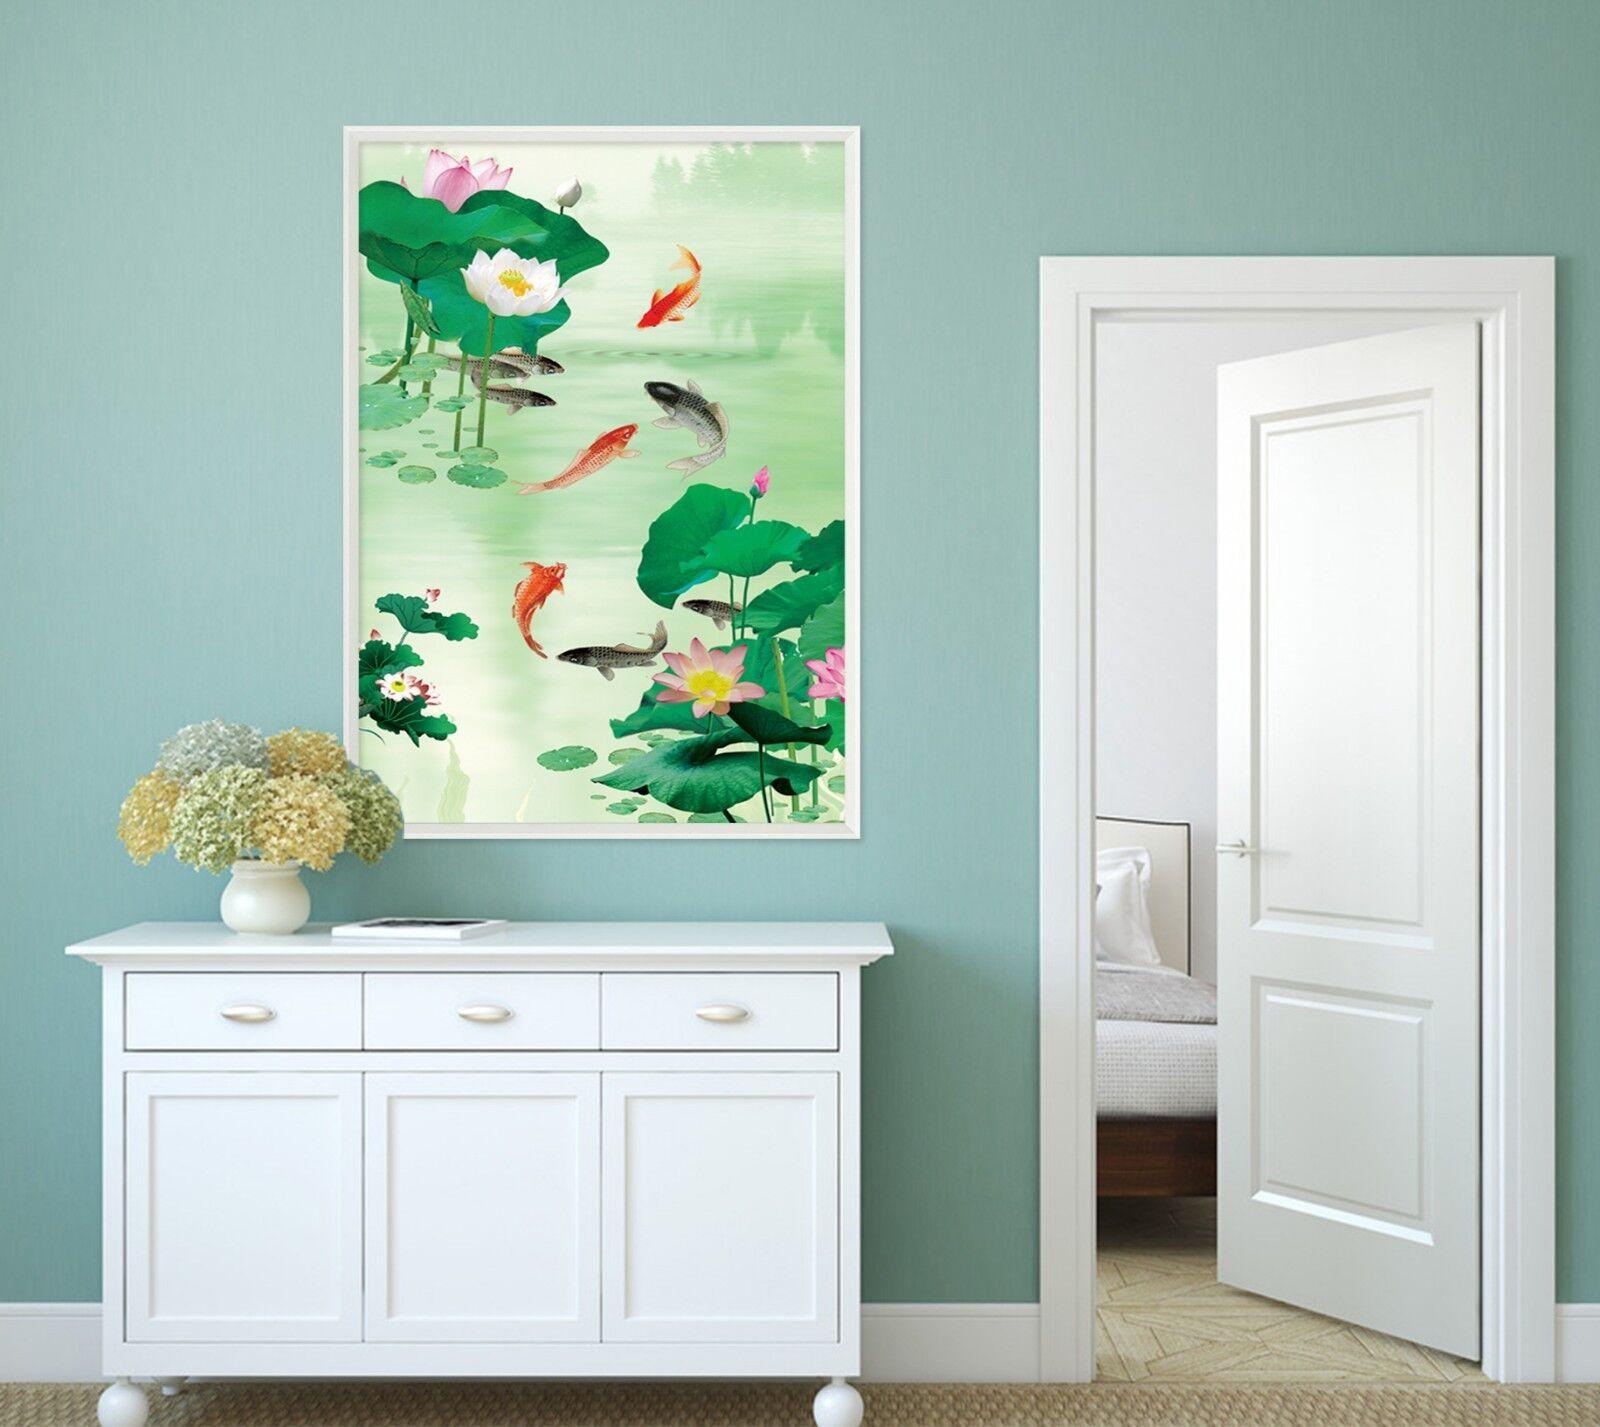 Estanque de peces 3D 2 Póster Enmarcado De Loto Decoración del Hogar Pintura de Impresión Arte AJ Wallpaper